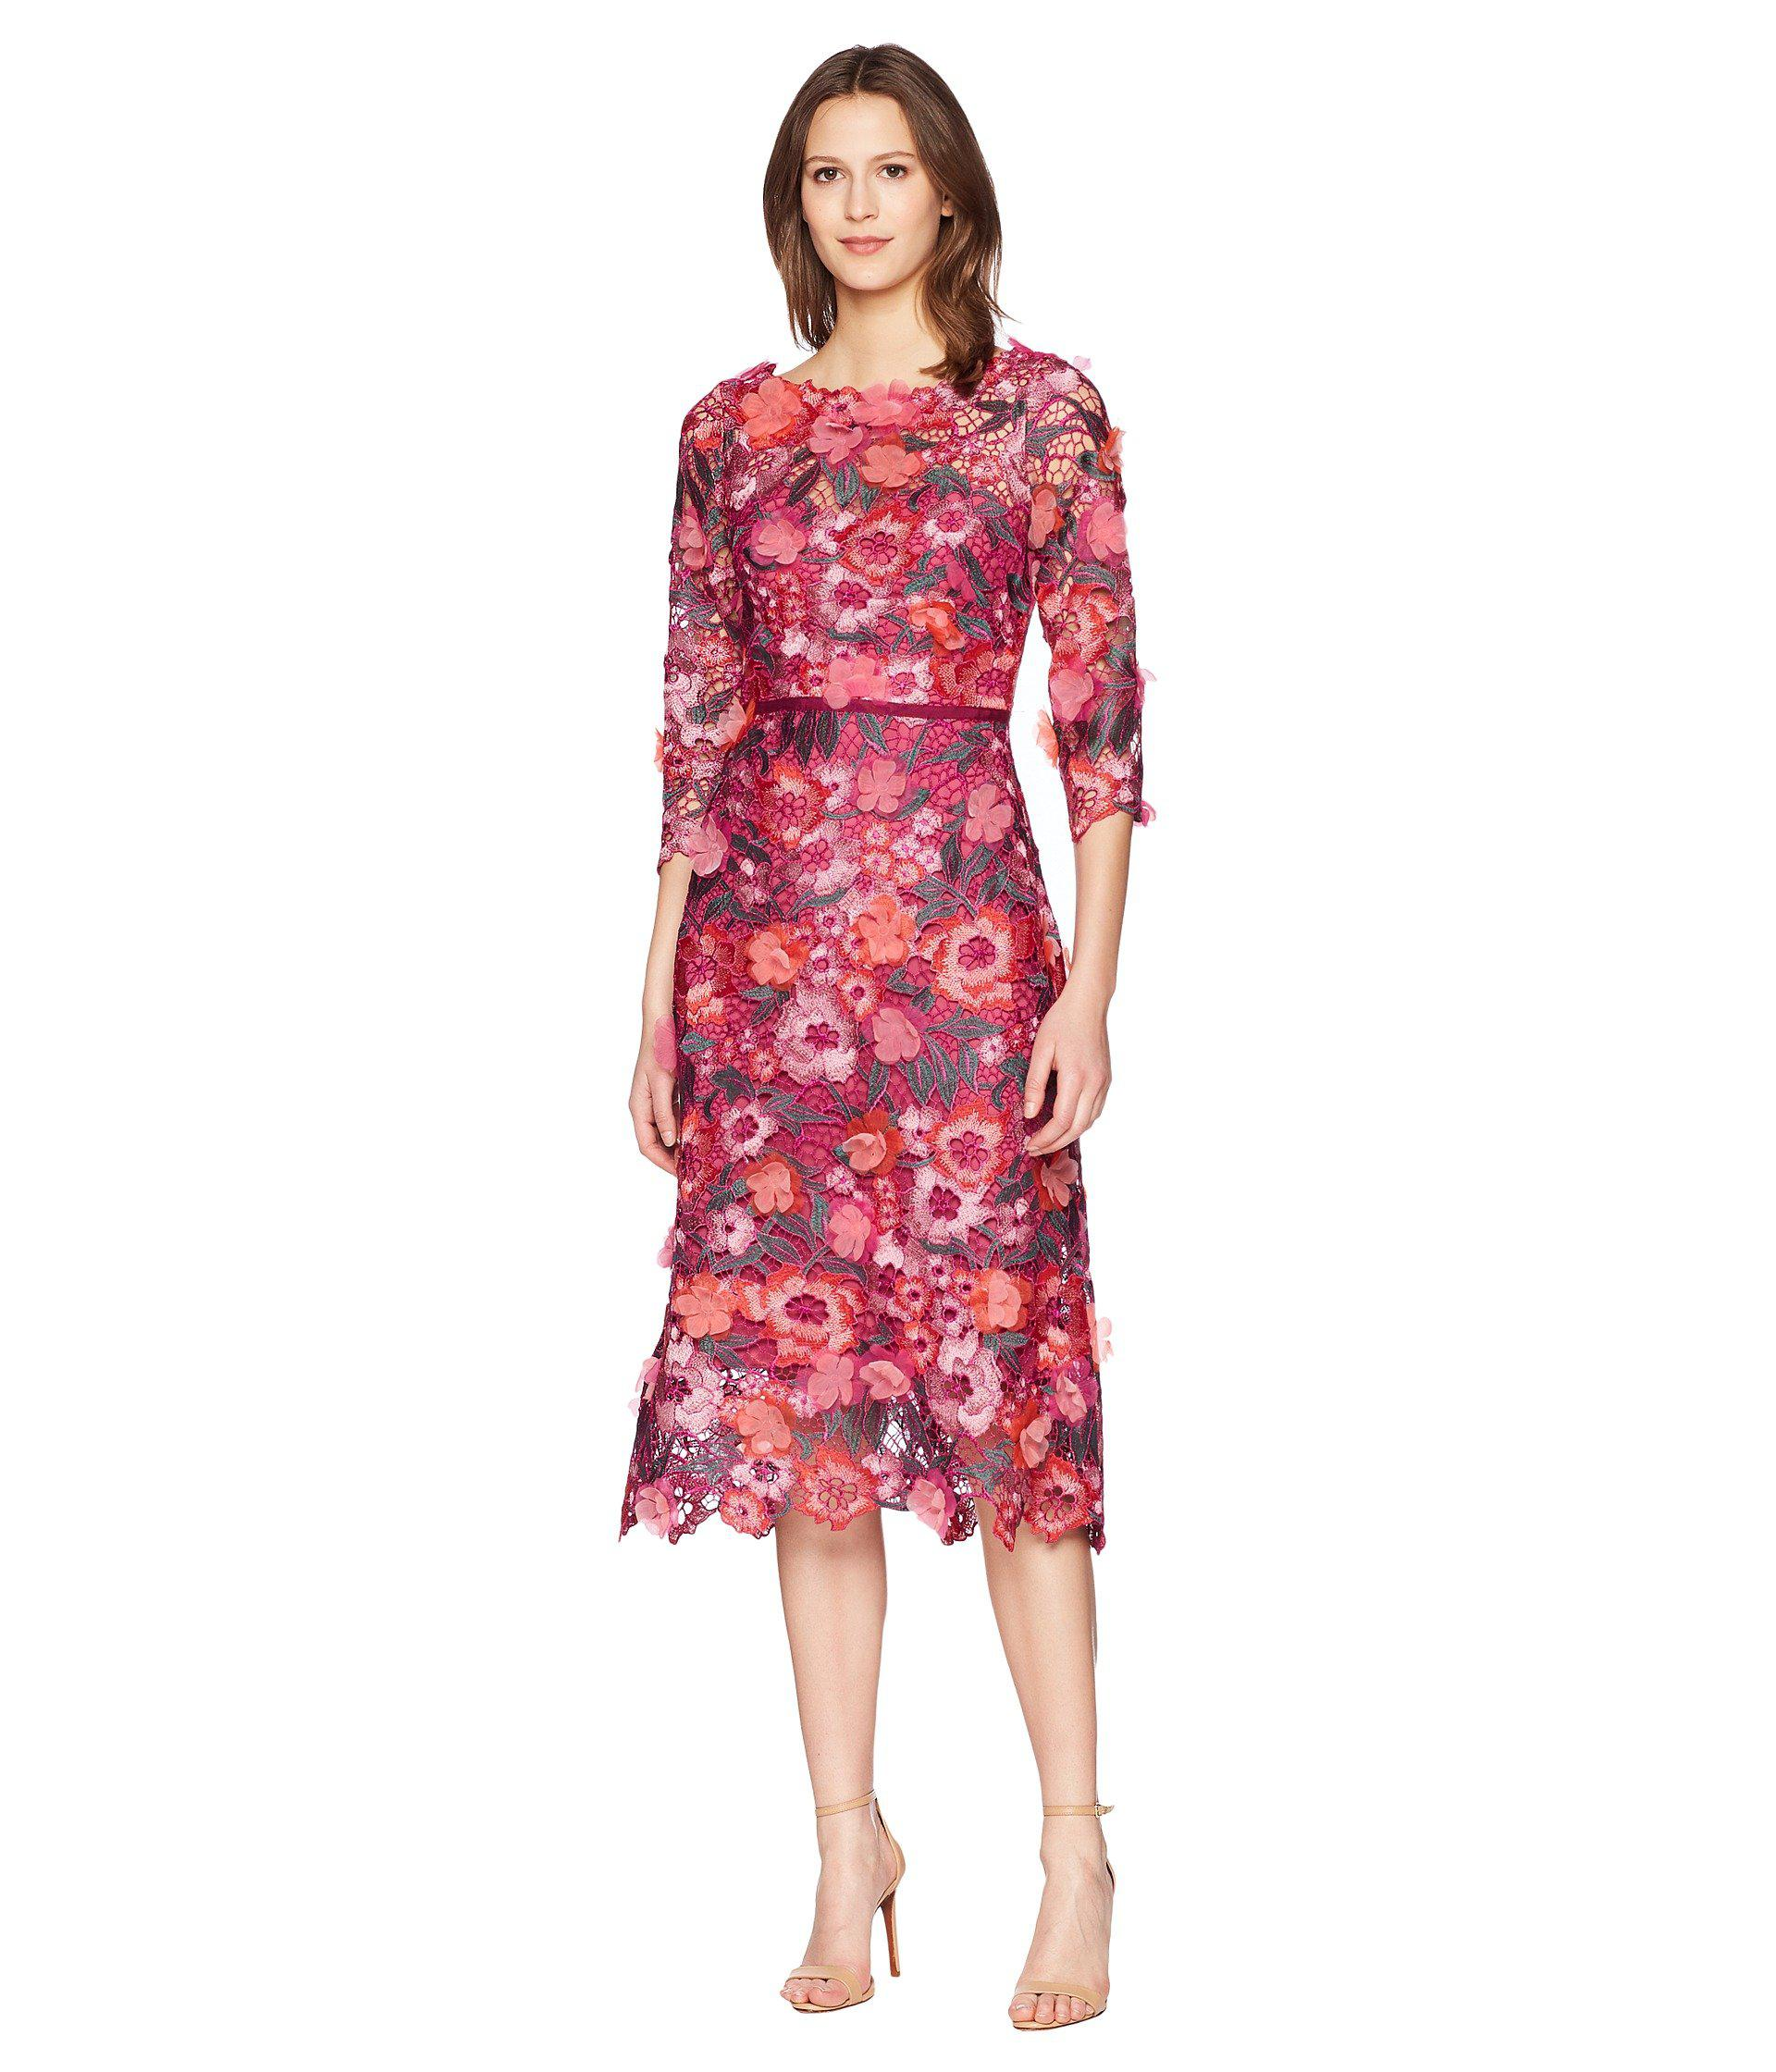 c4912354 Marchesa notte 3/4 Length Sleeve 3d Floral Guipure Lace Tea Length ...